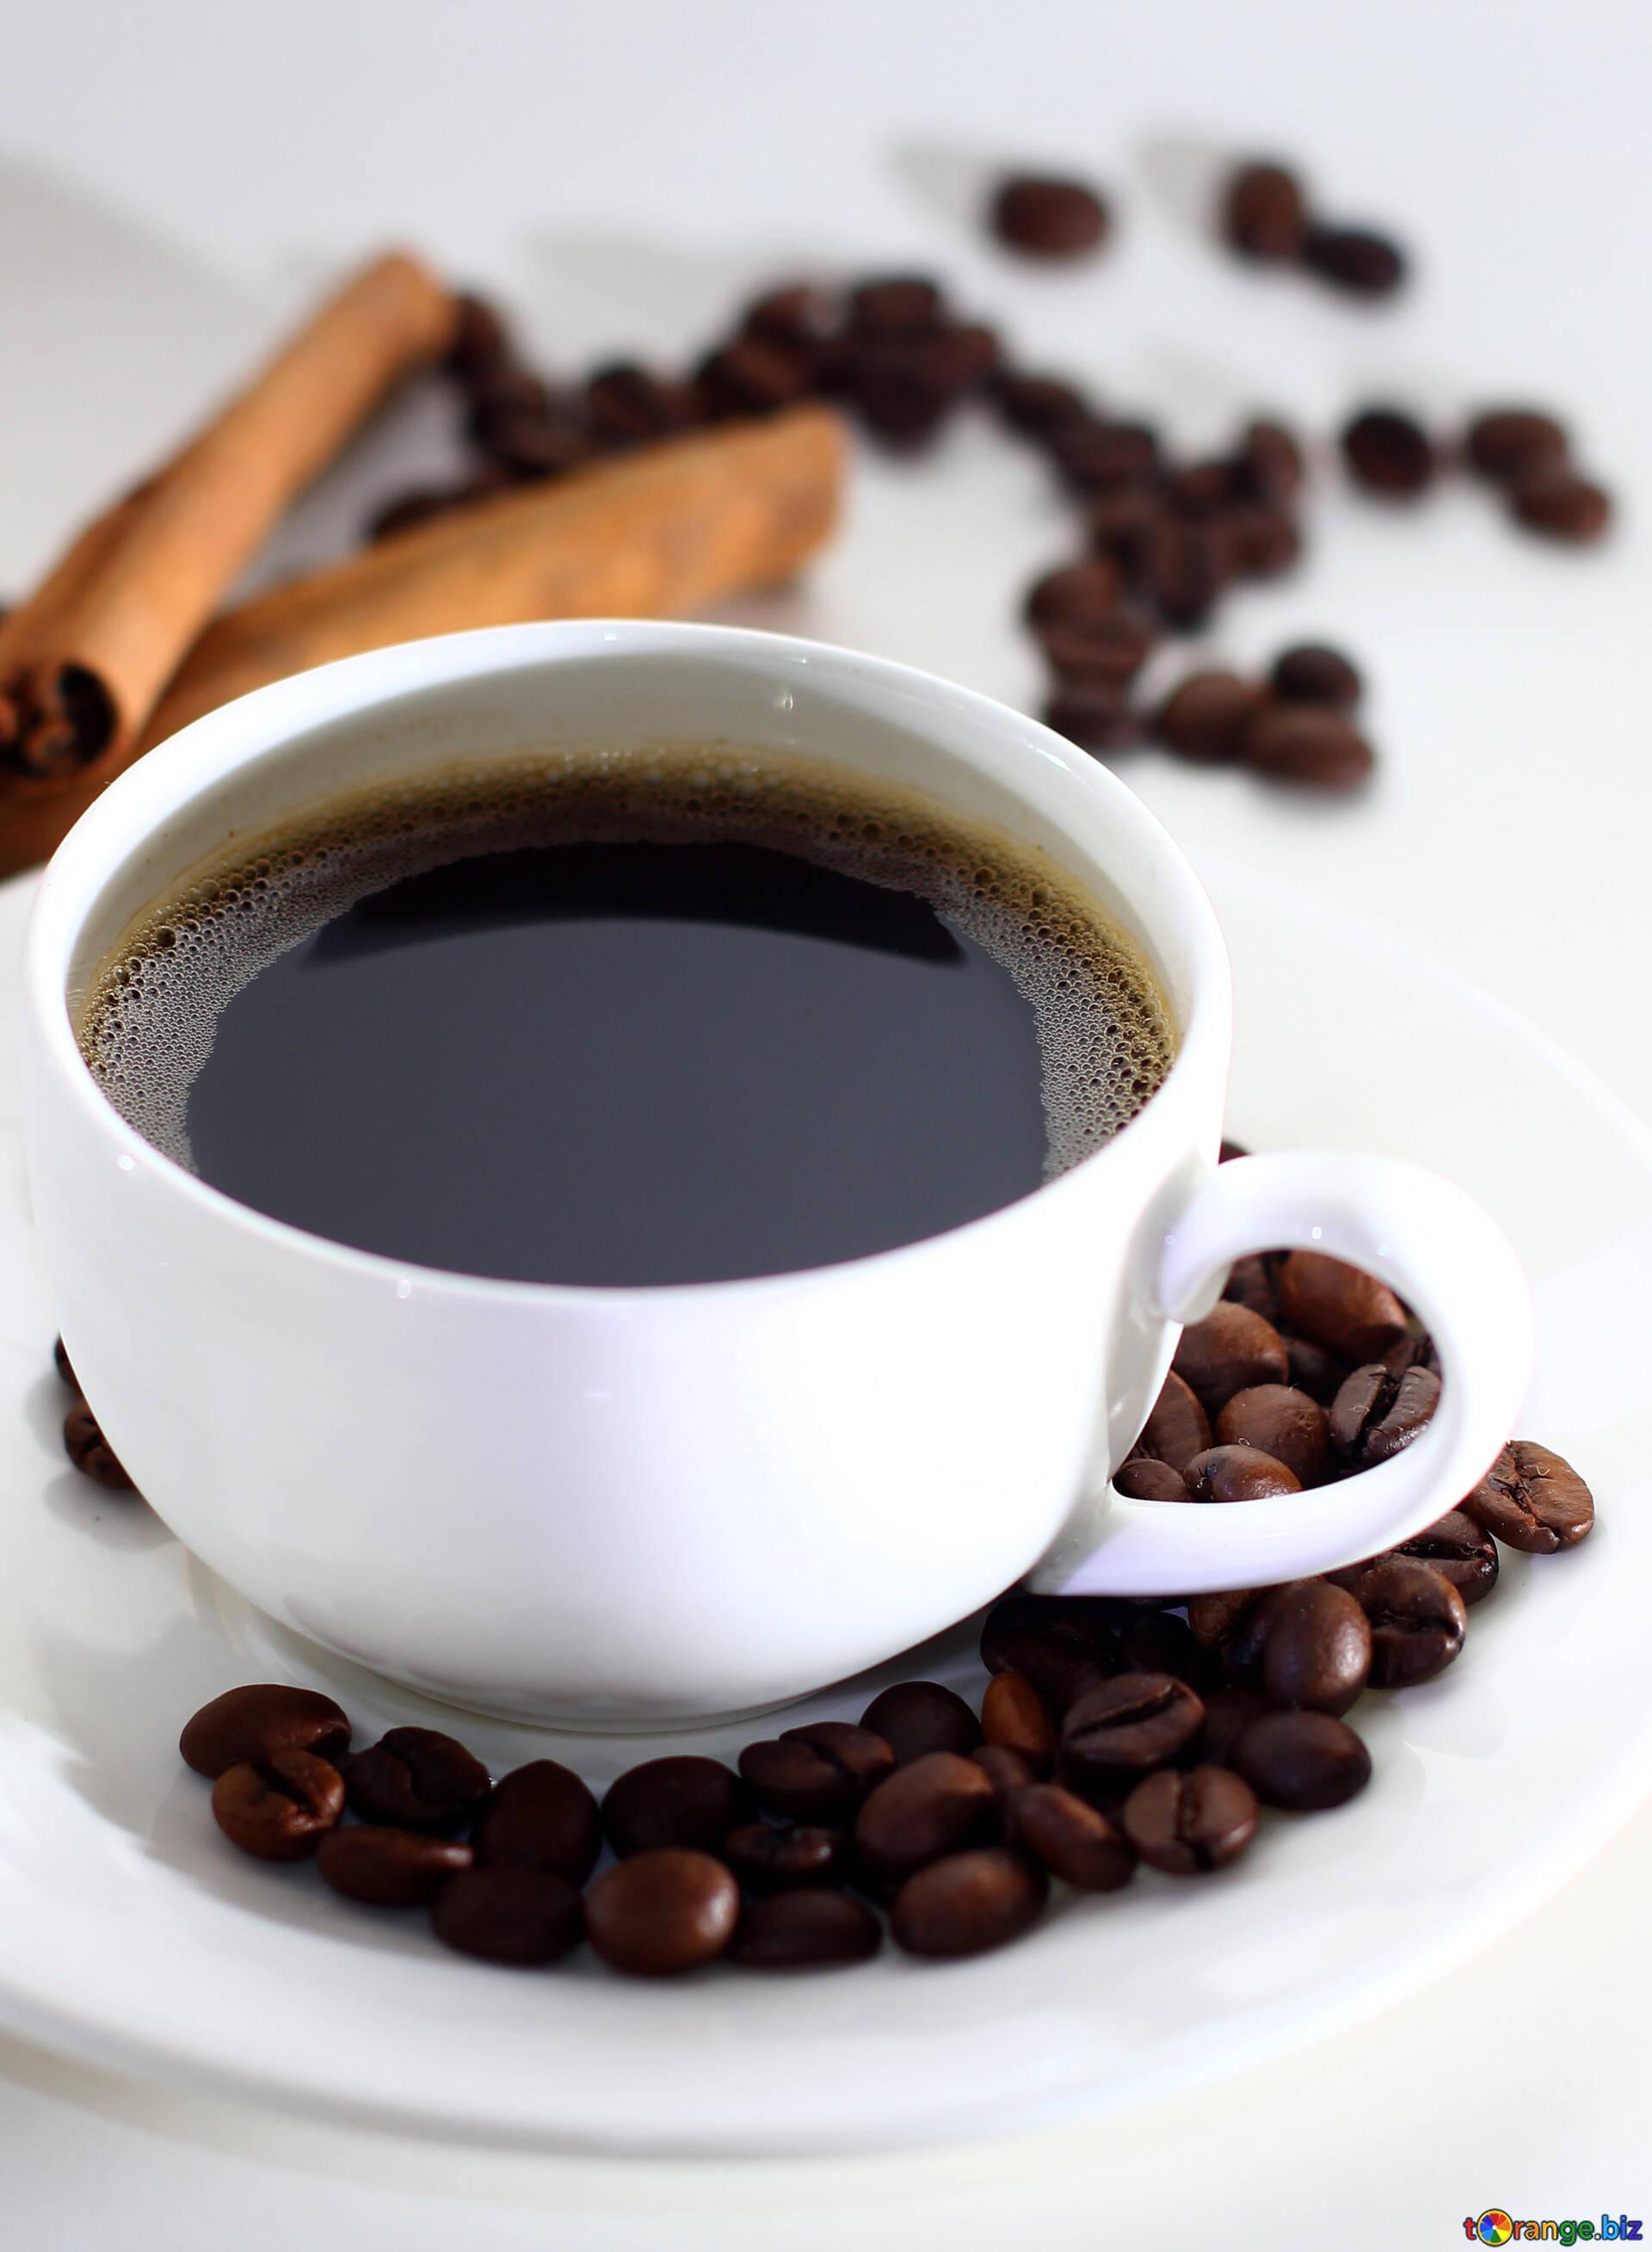 наилучшее фото о кофе специалисты